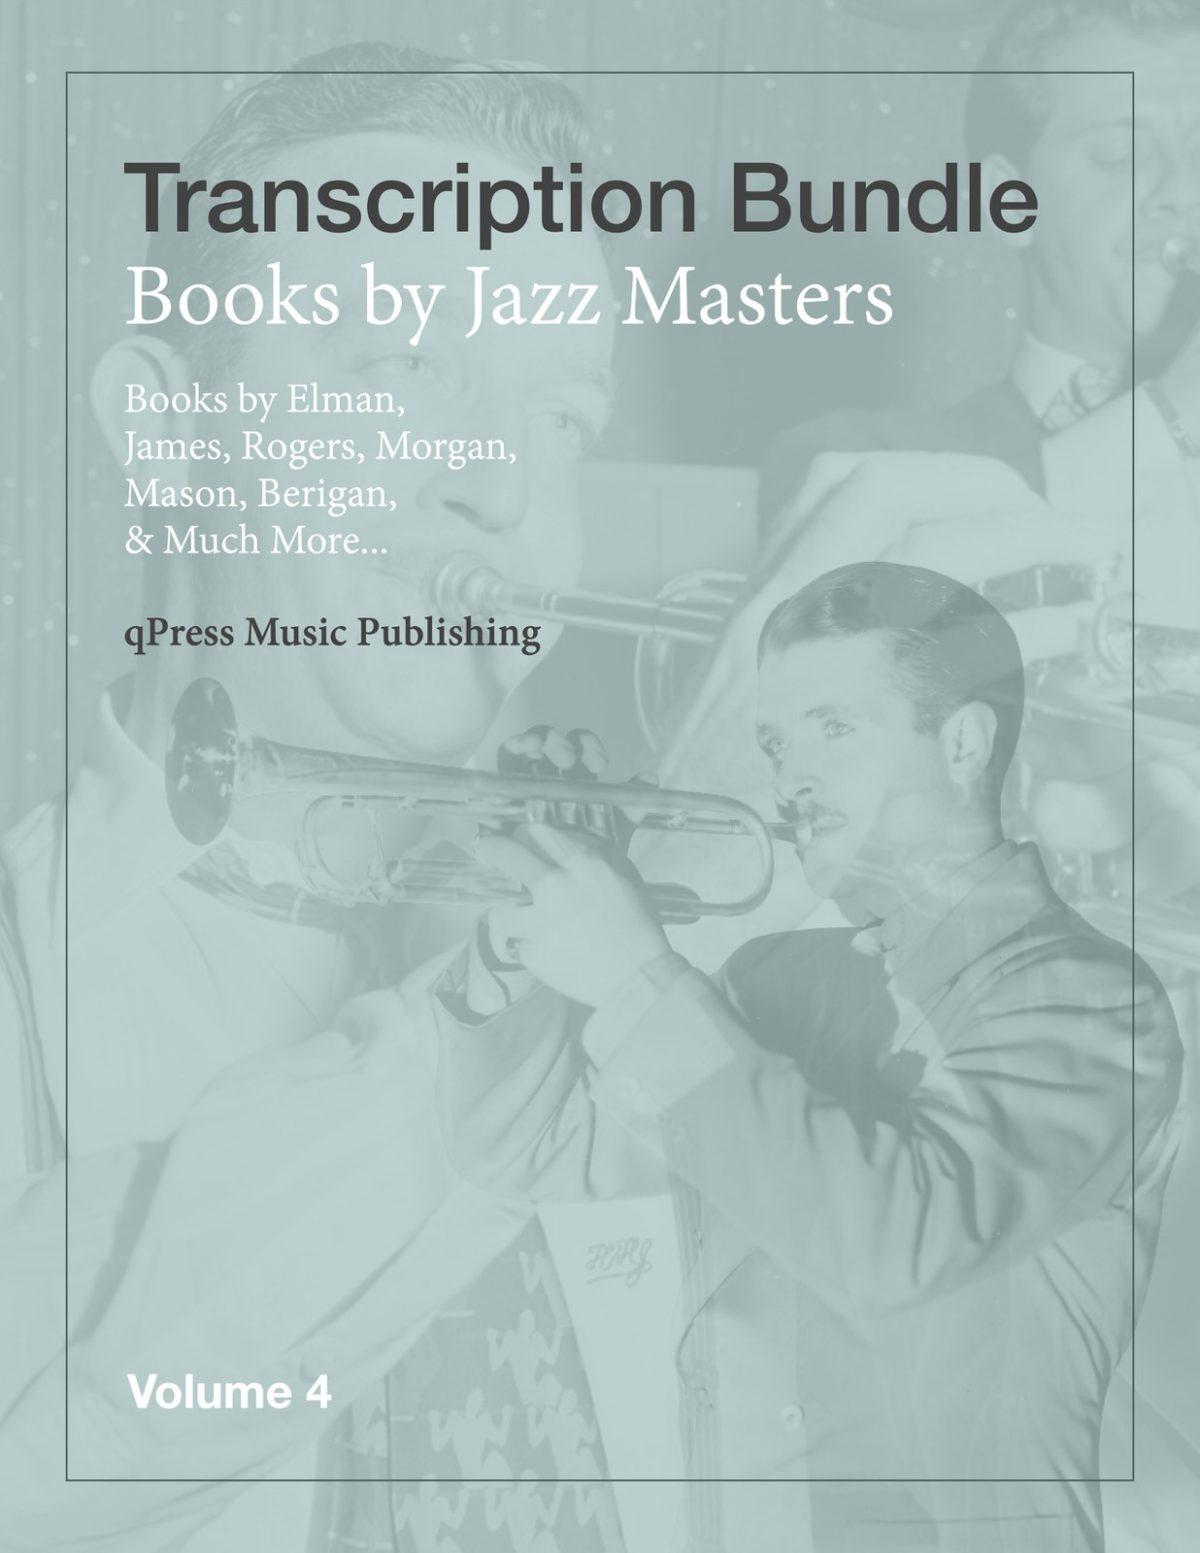 Transcription Bundle 4-p1